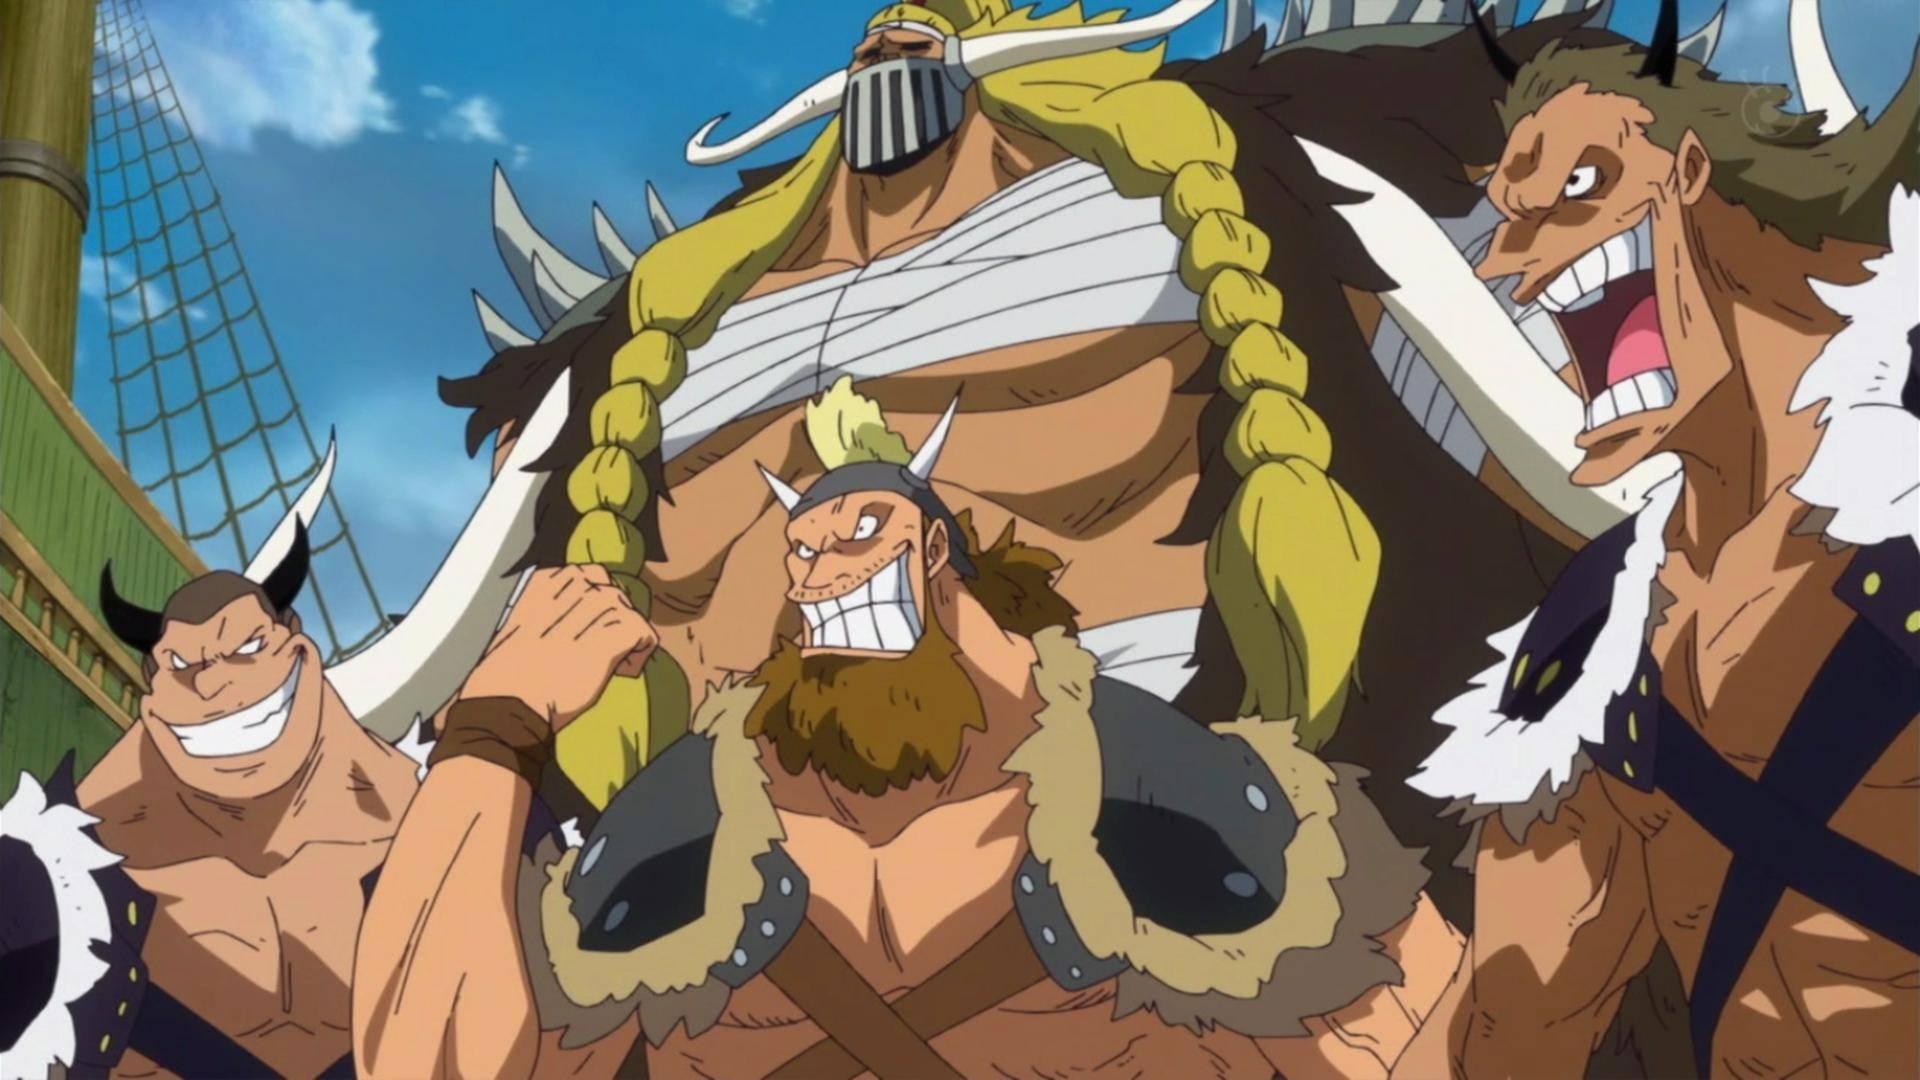 海贼王:挨打王杰克被毛皮族打倒,烬和奎因为何不去帮凯多?